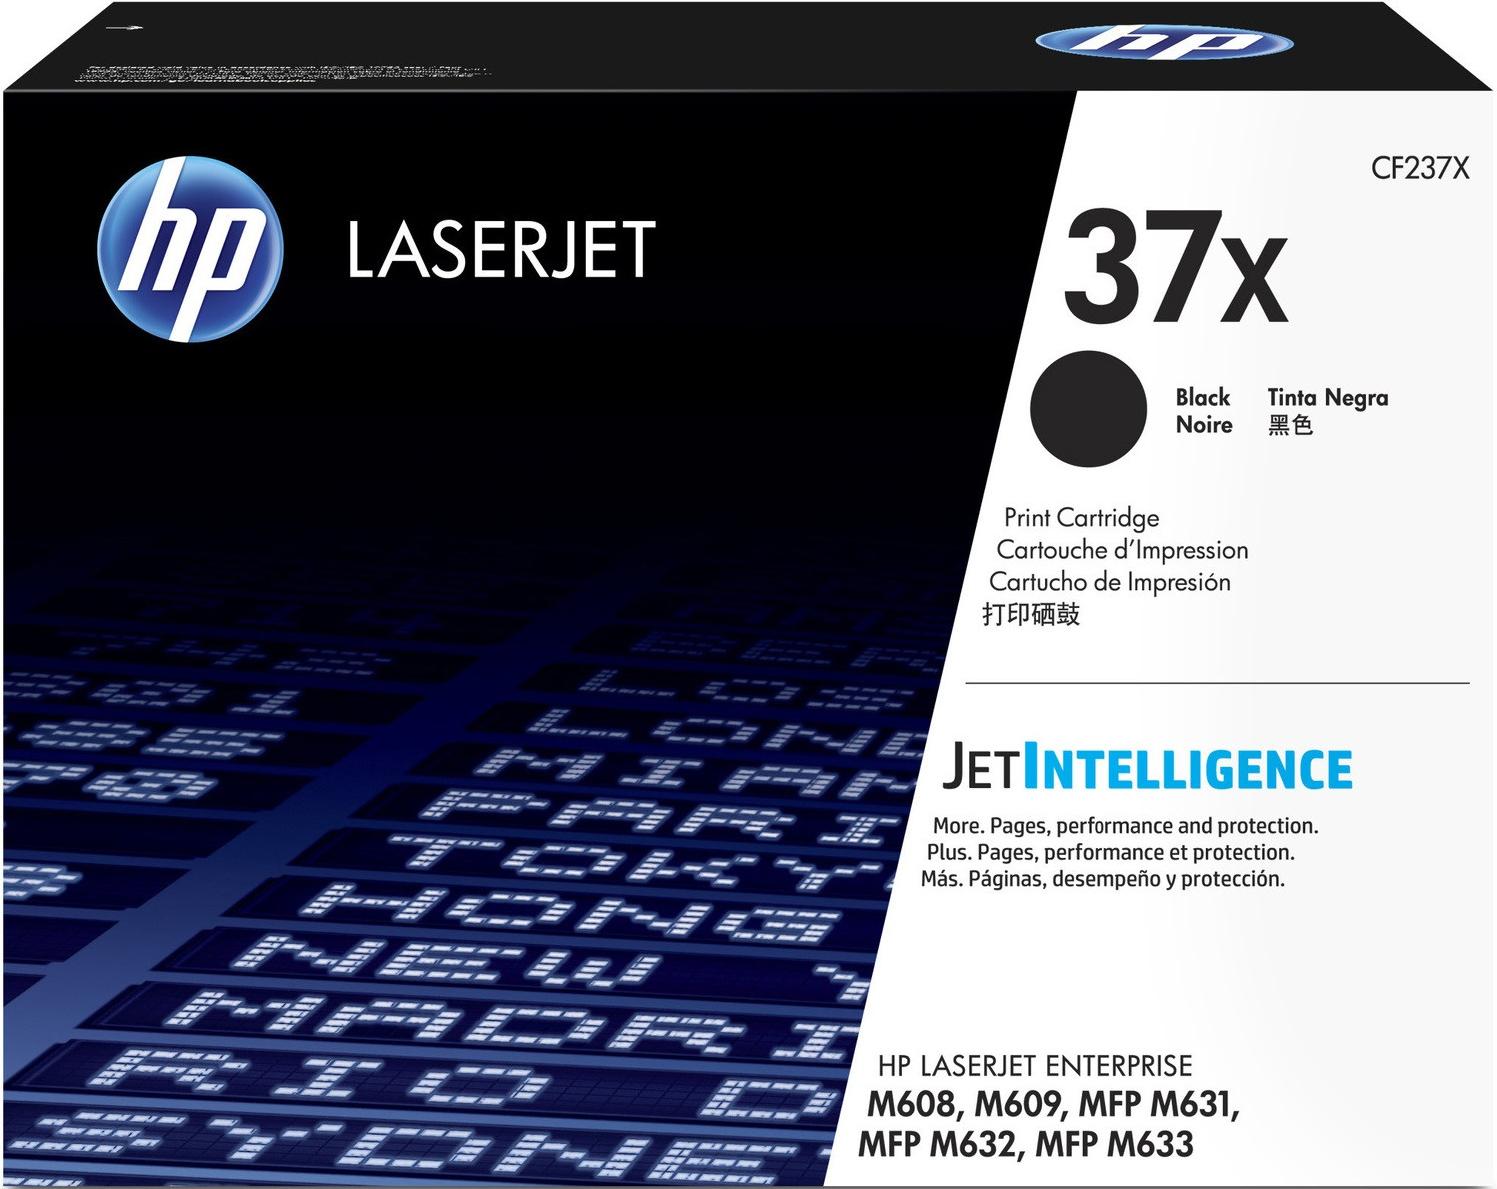 Картридж HP CF237X 37X, черный, для лазерного принтера, оригинал